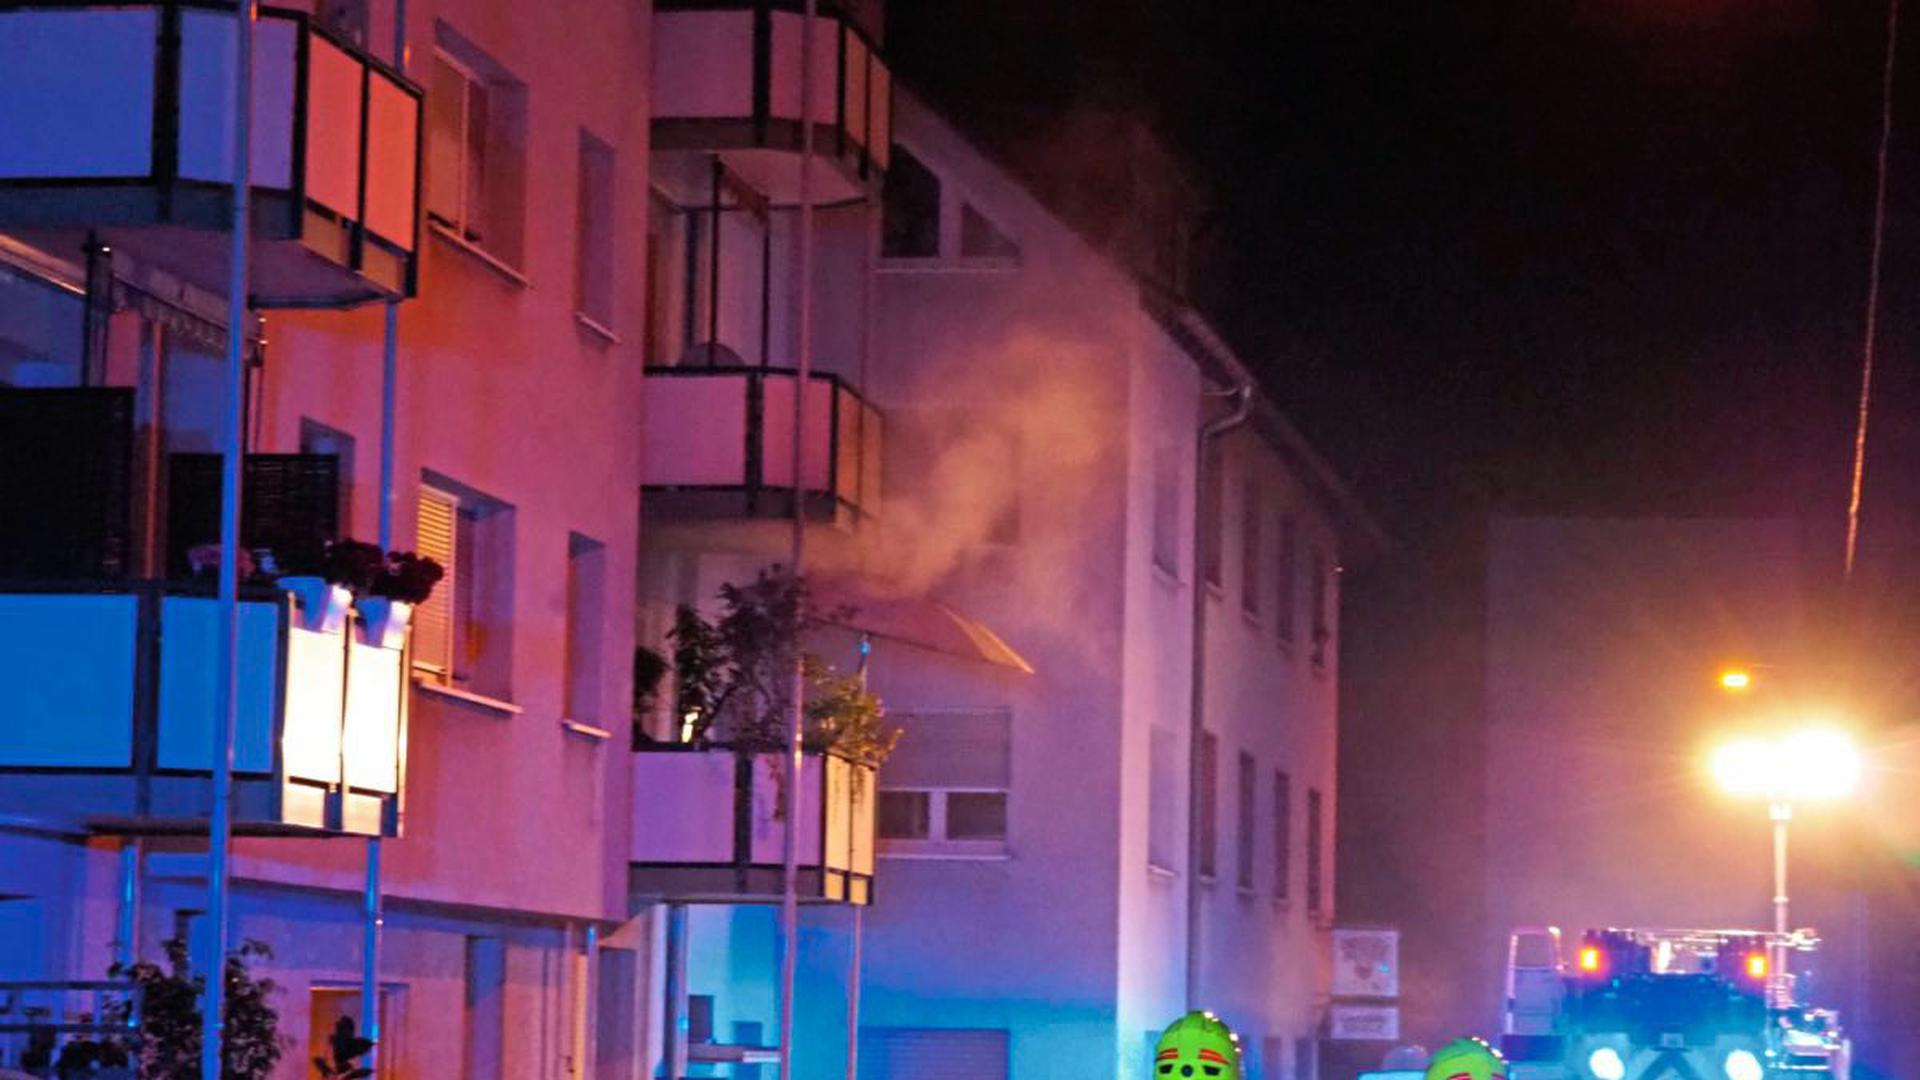 Bei dem Wohnungsbrand in Pforzheim starb eine Person, eine weitere kam lebensgefährlich verletzt ins Krankenhaus.